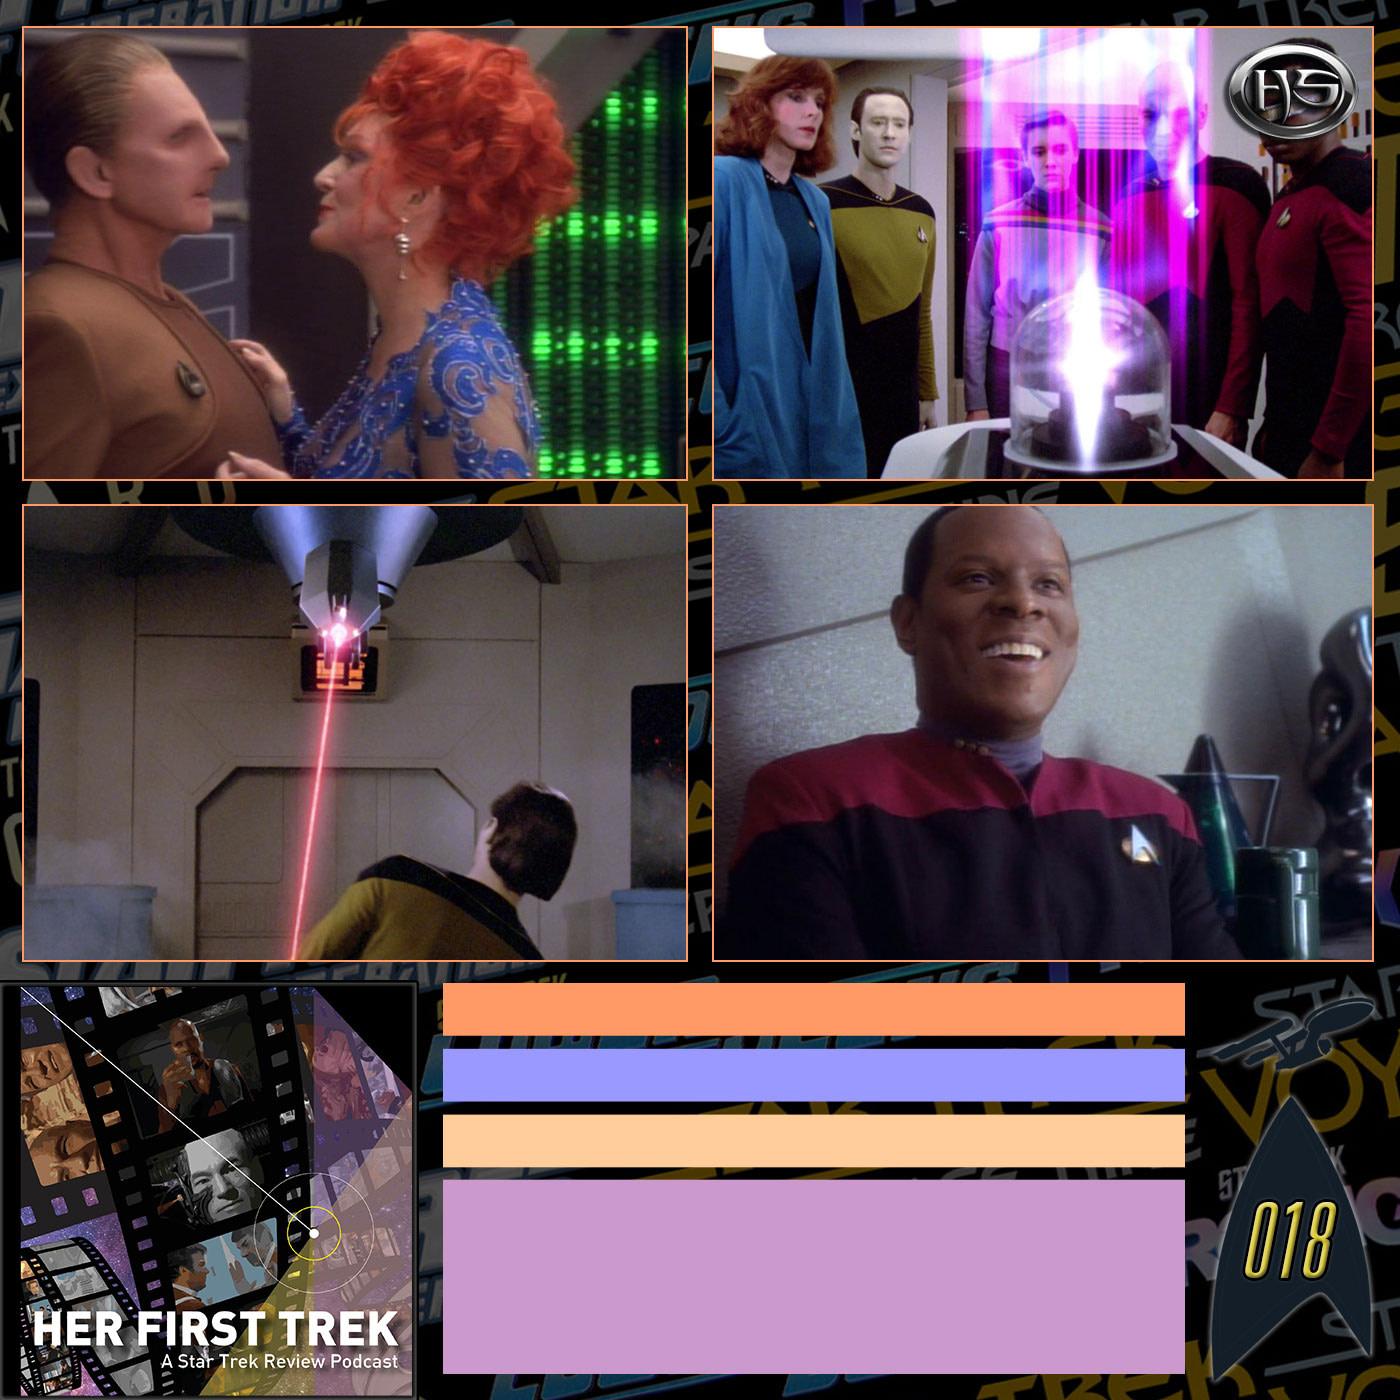 Her First Trek Episode 18